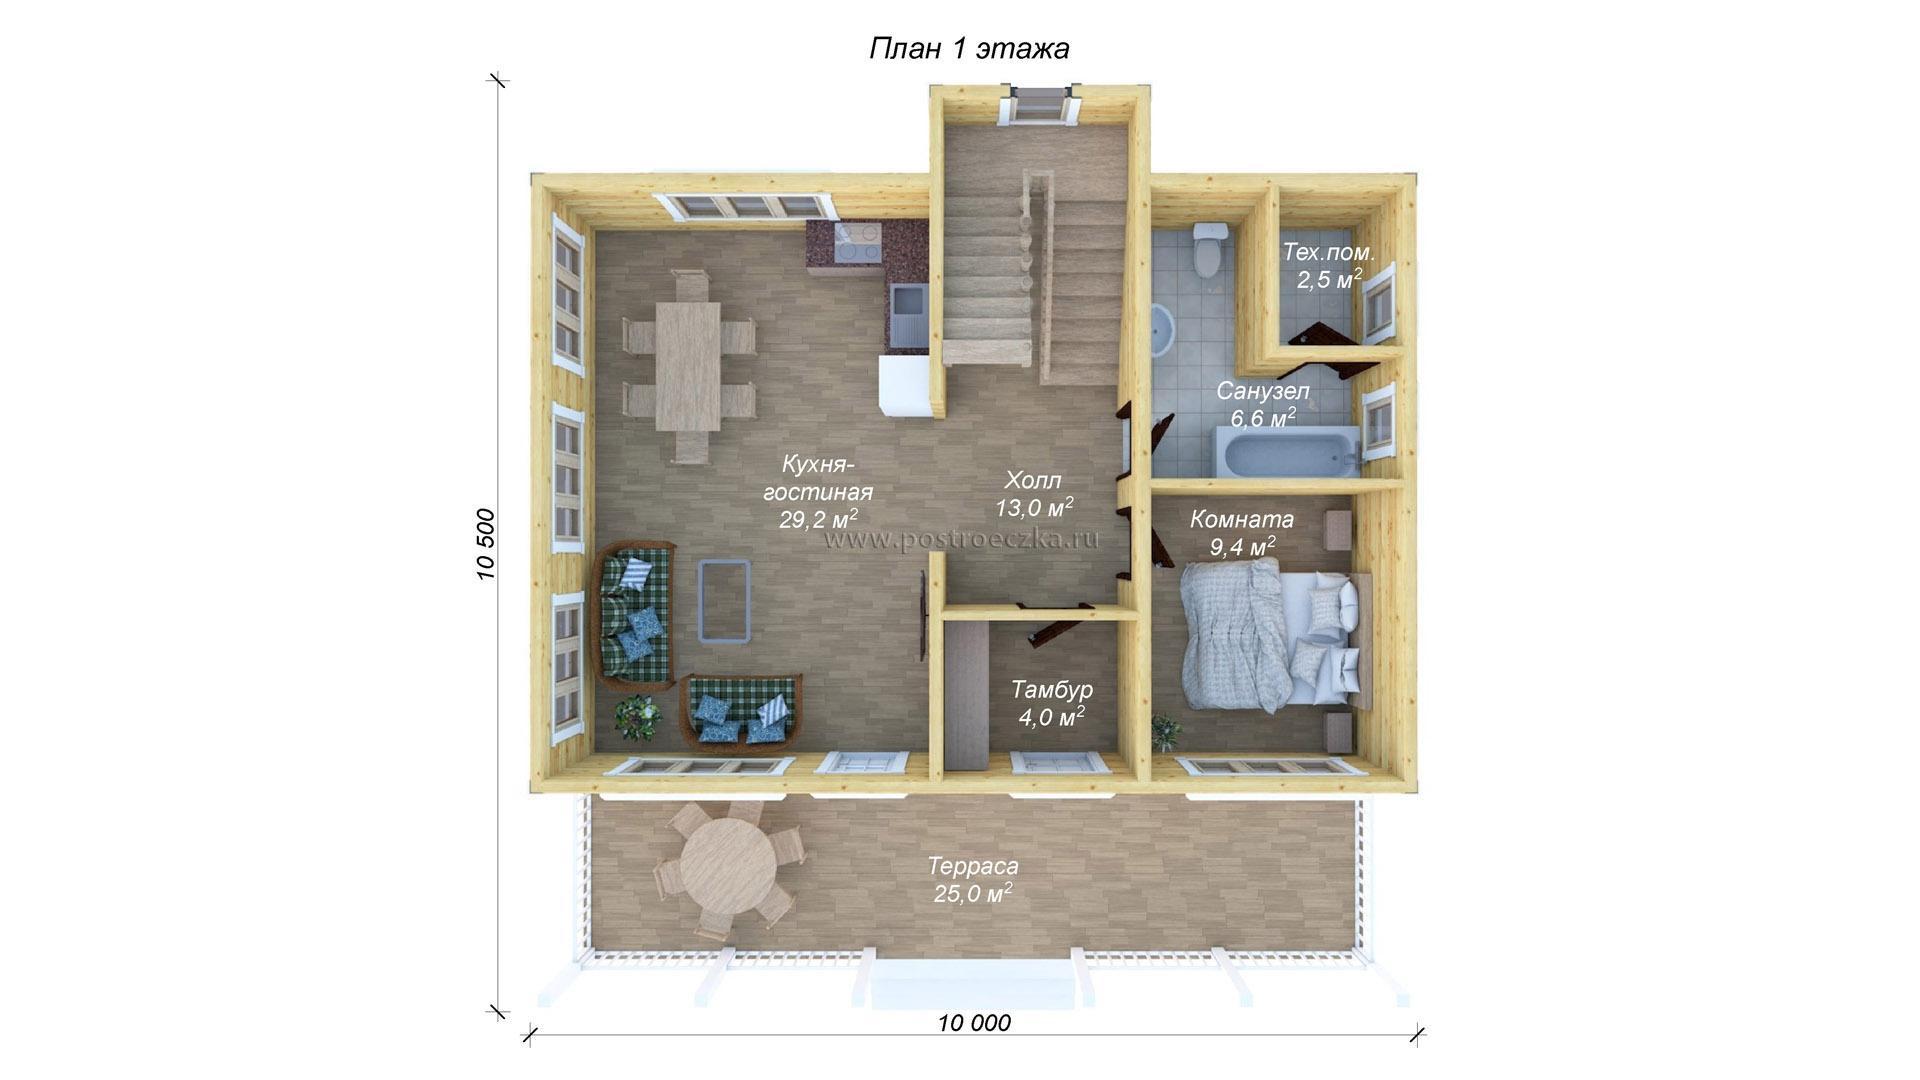 Планирование каркасного загородного дома